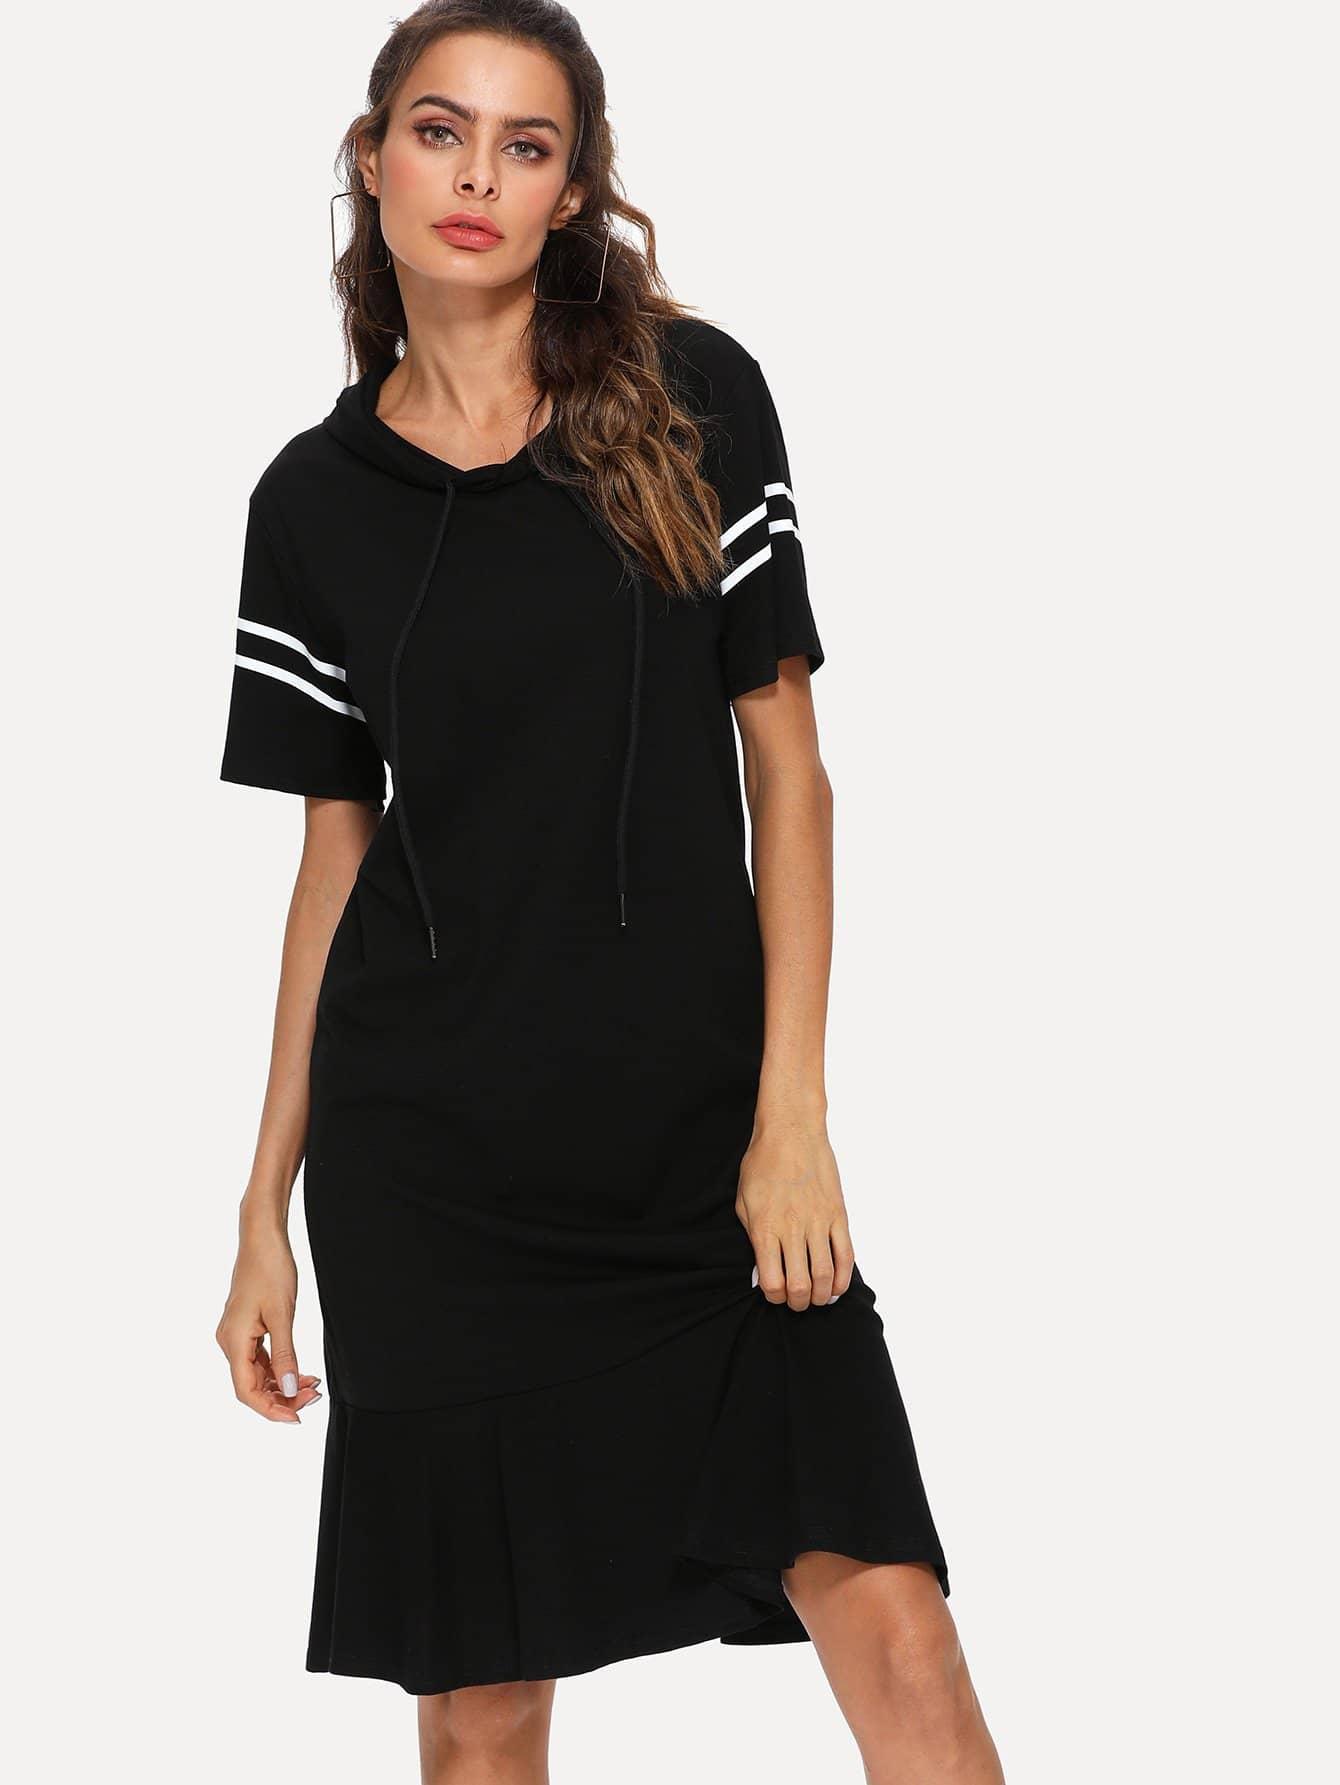 Stripe Contrast Ruffle Hem Hooded Dress stripe contrast ruffle hem hooded dress